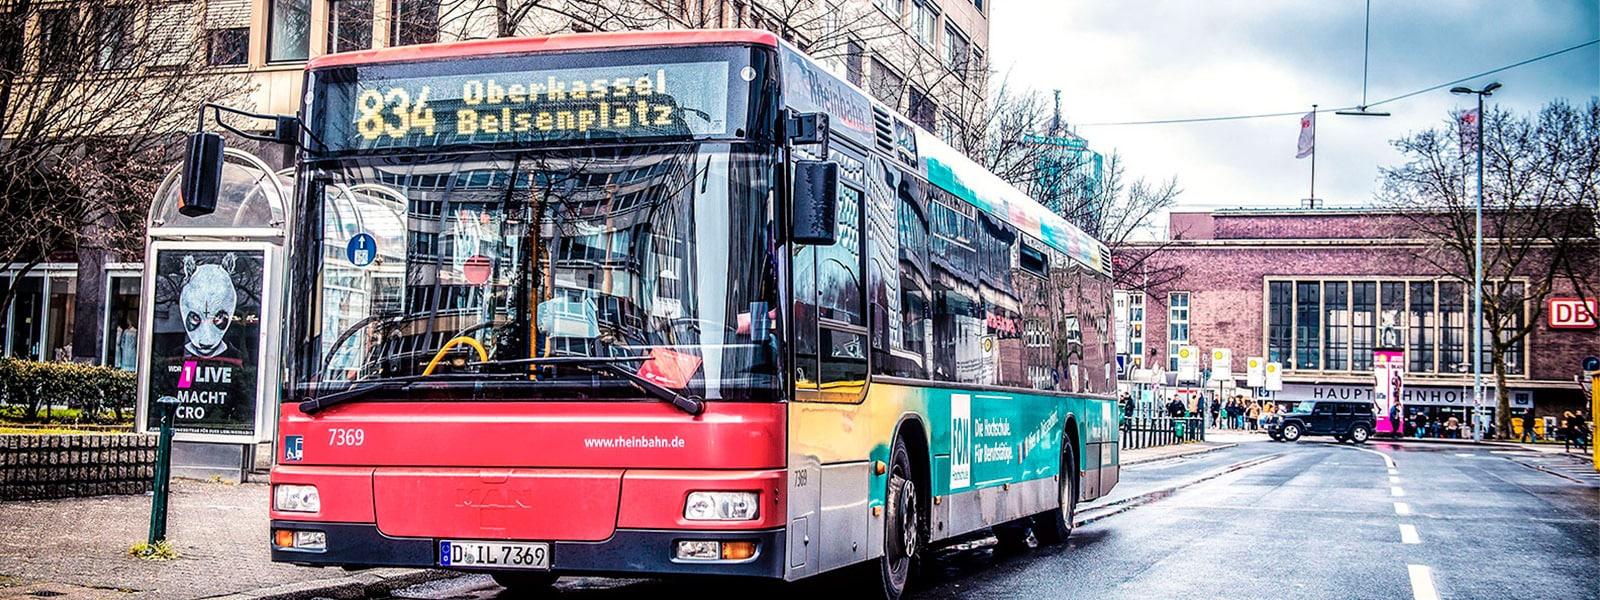 Remscheid-Buswerbung-Teilgestaltung